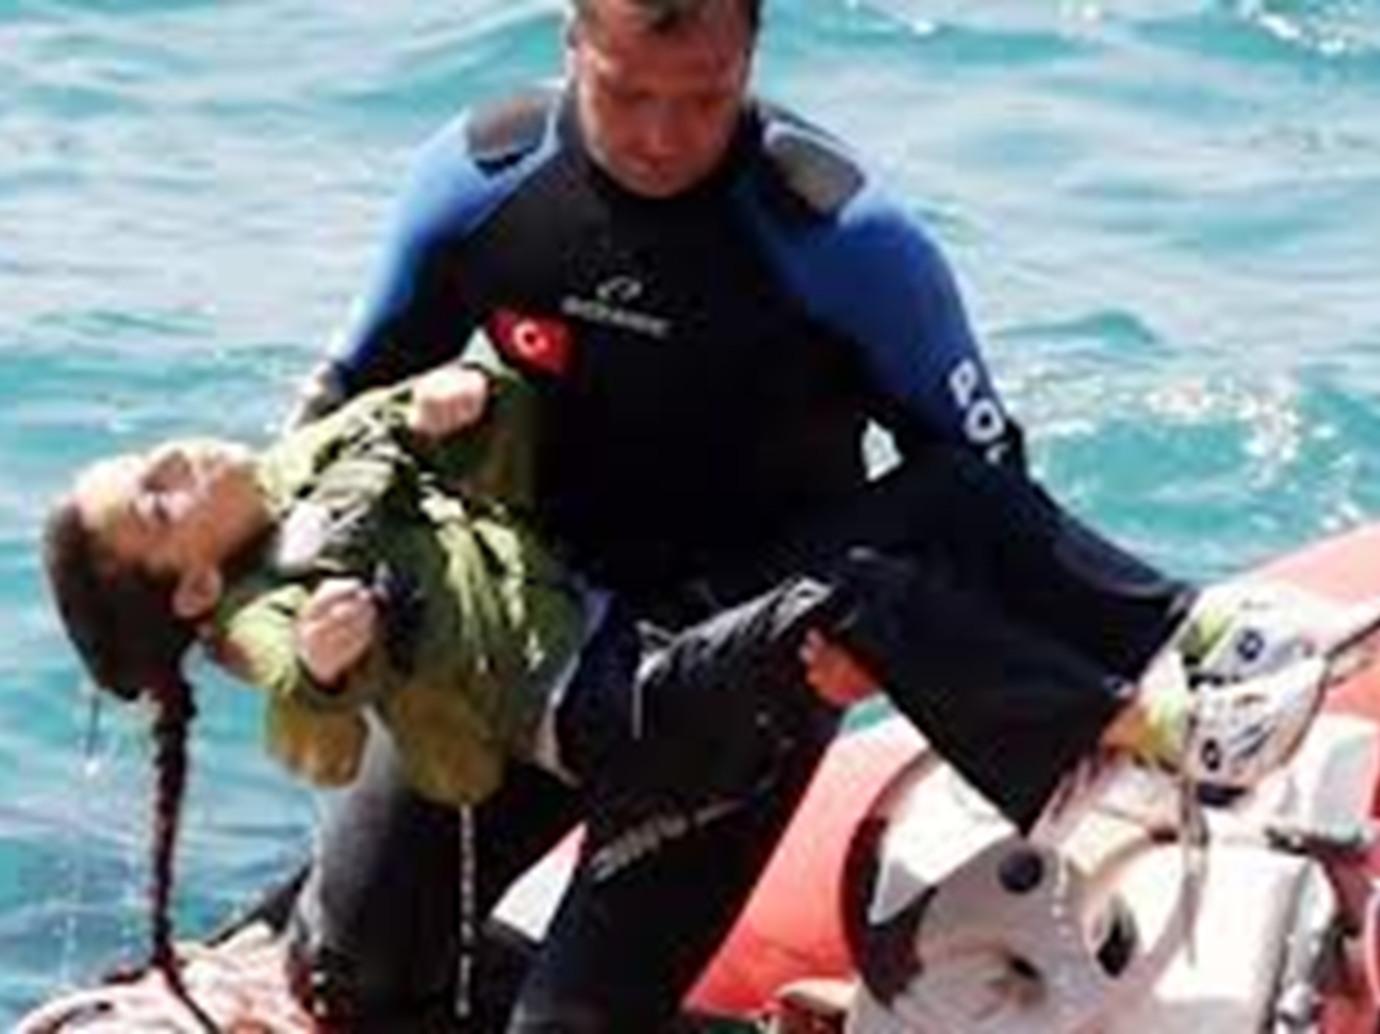 مأساة.. وفاة طفل مغربي في الرابعة من عمره داخل فندق ببرشلونة الإسبانية